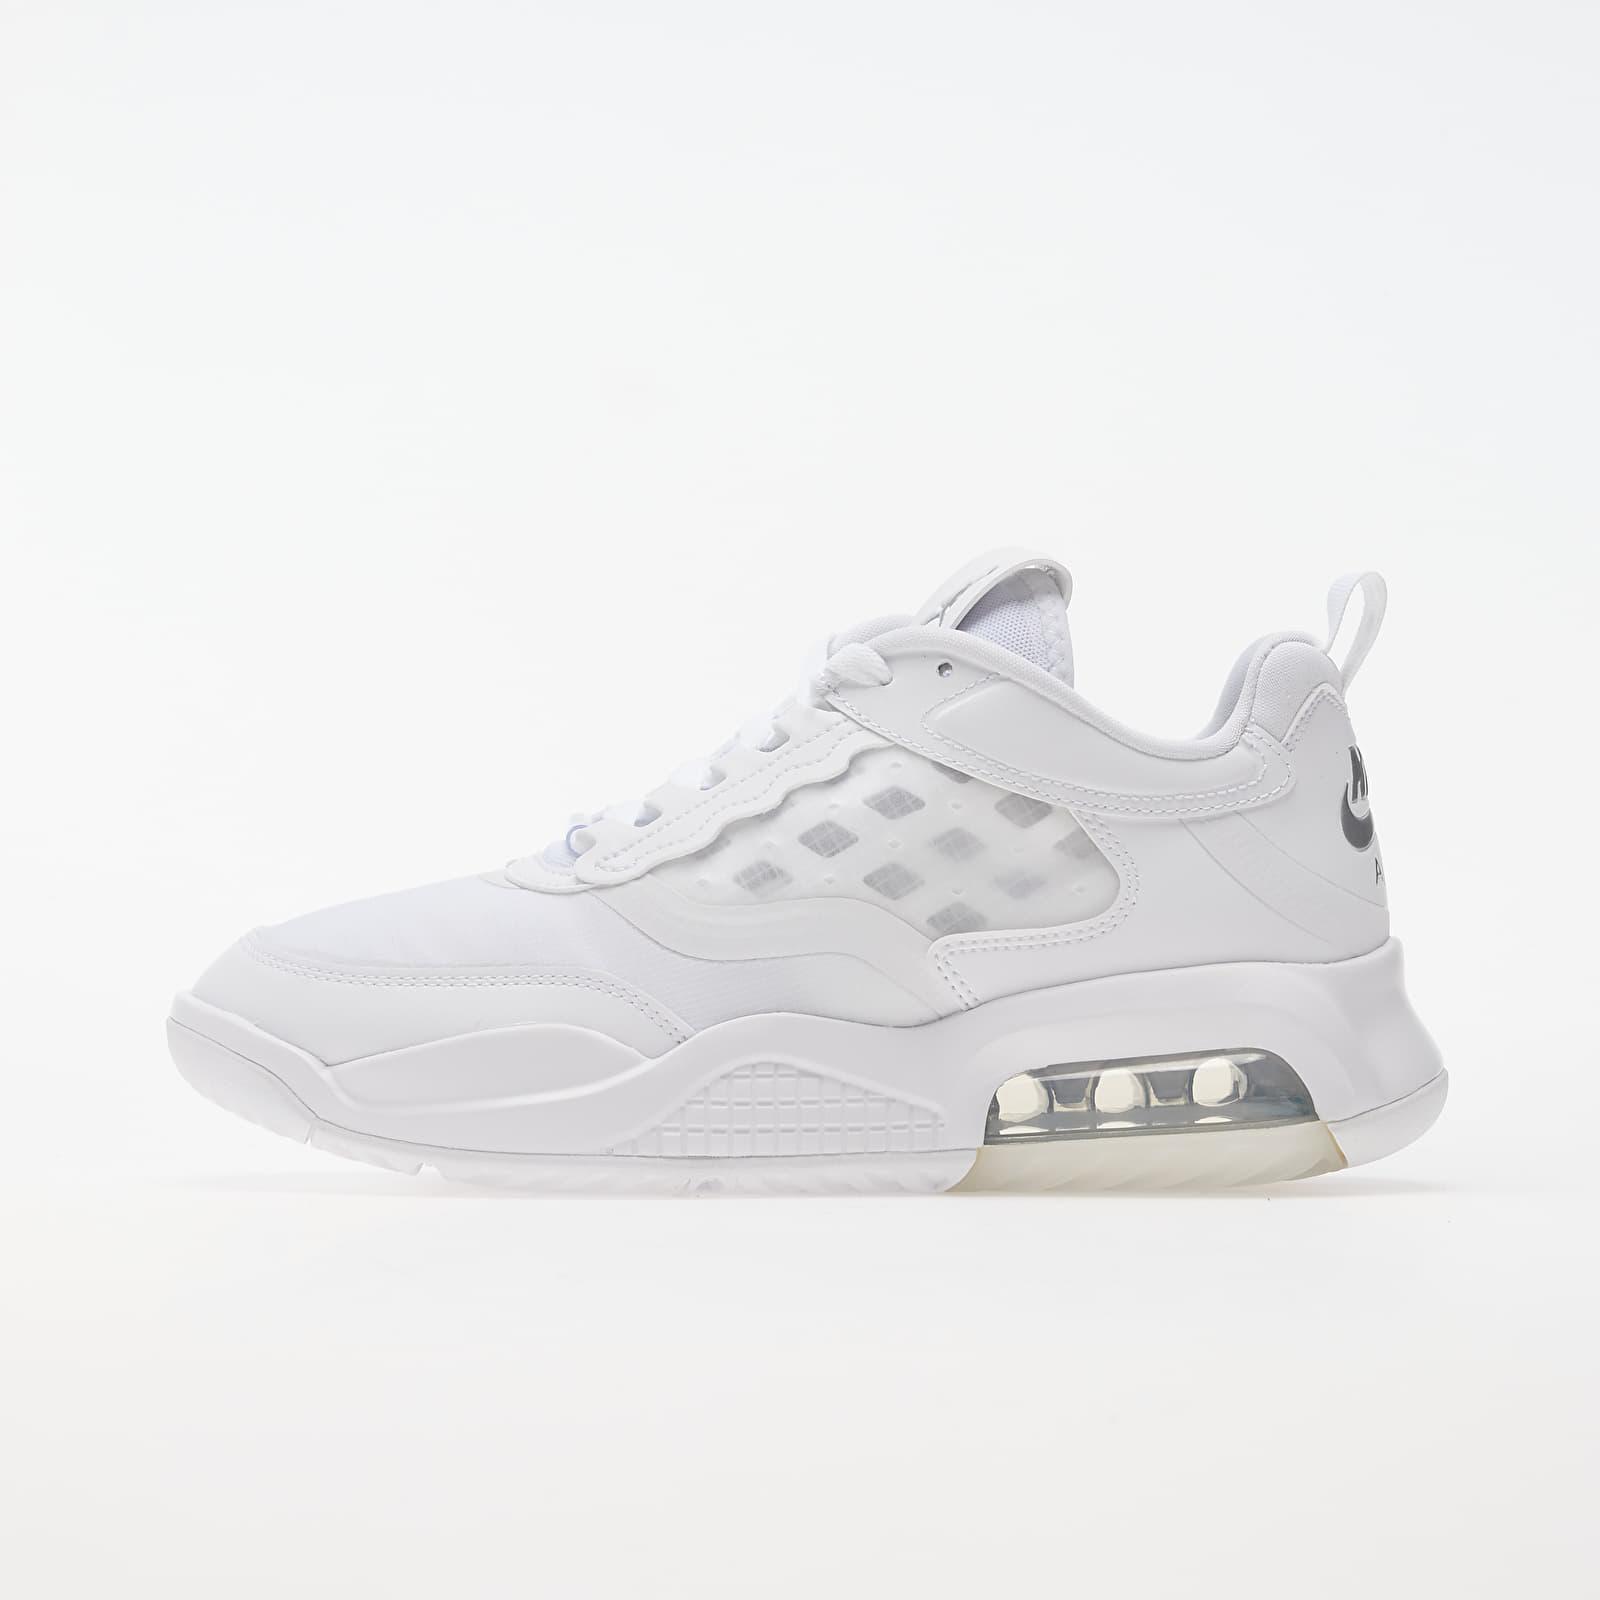 Men's shoes Jordan Max 200 White/ Metallic Silver